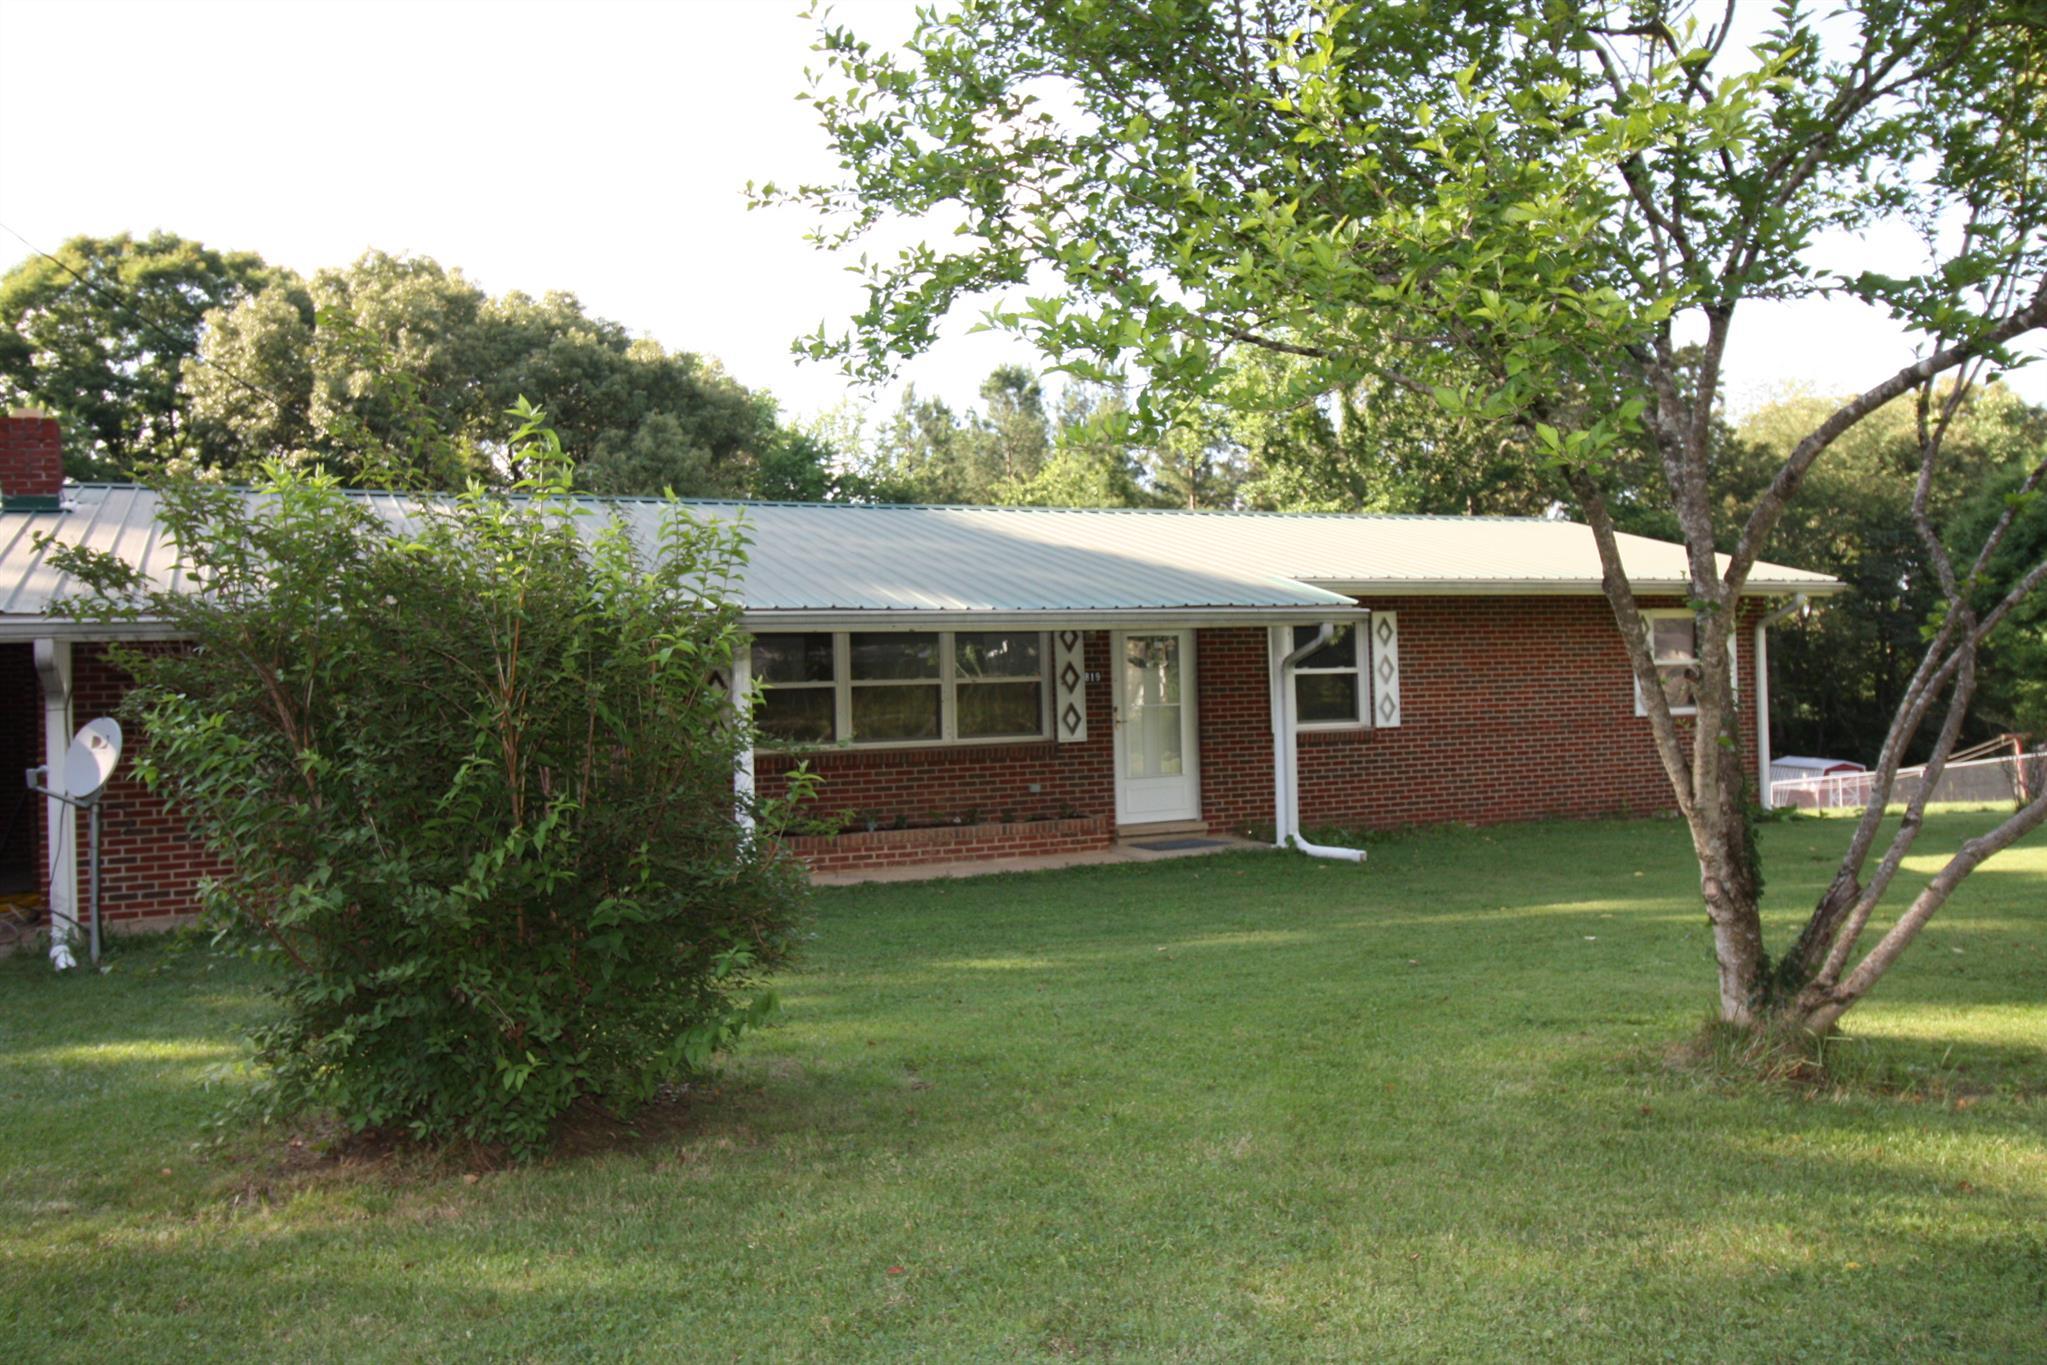 470 Arlington St, Erin, TN 37061